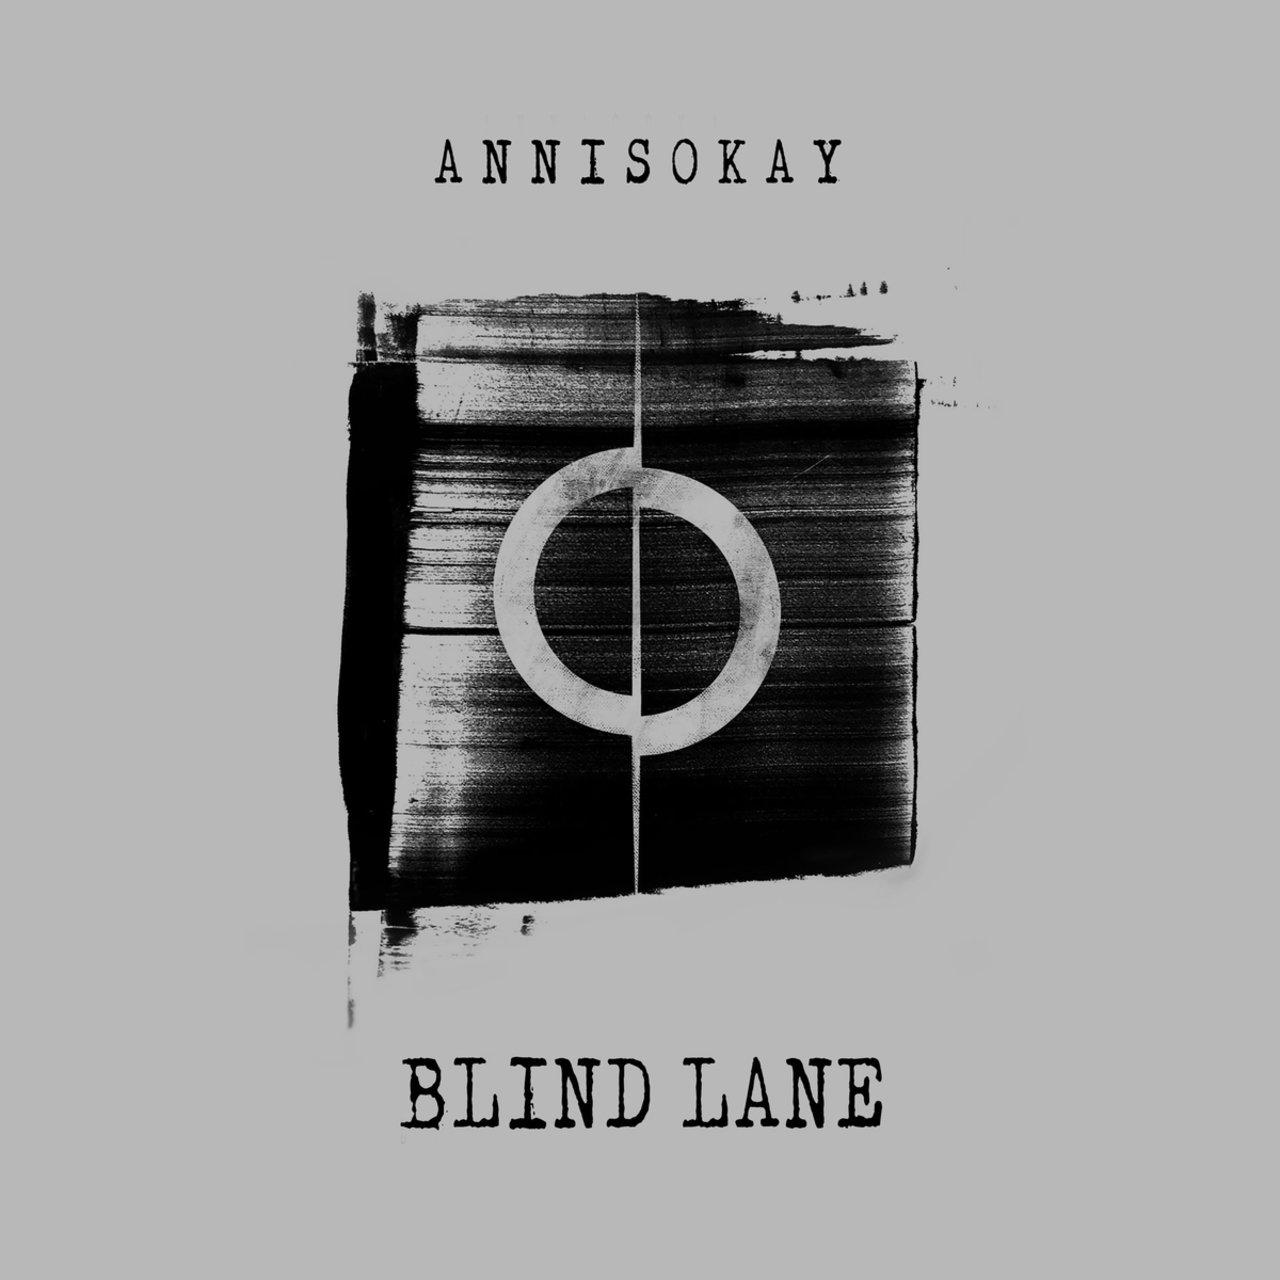 Annisokay - Blind Lane [single] (2016)